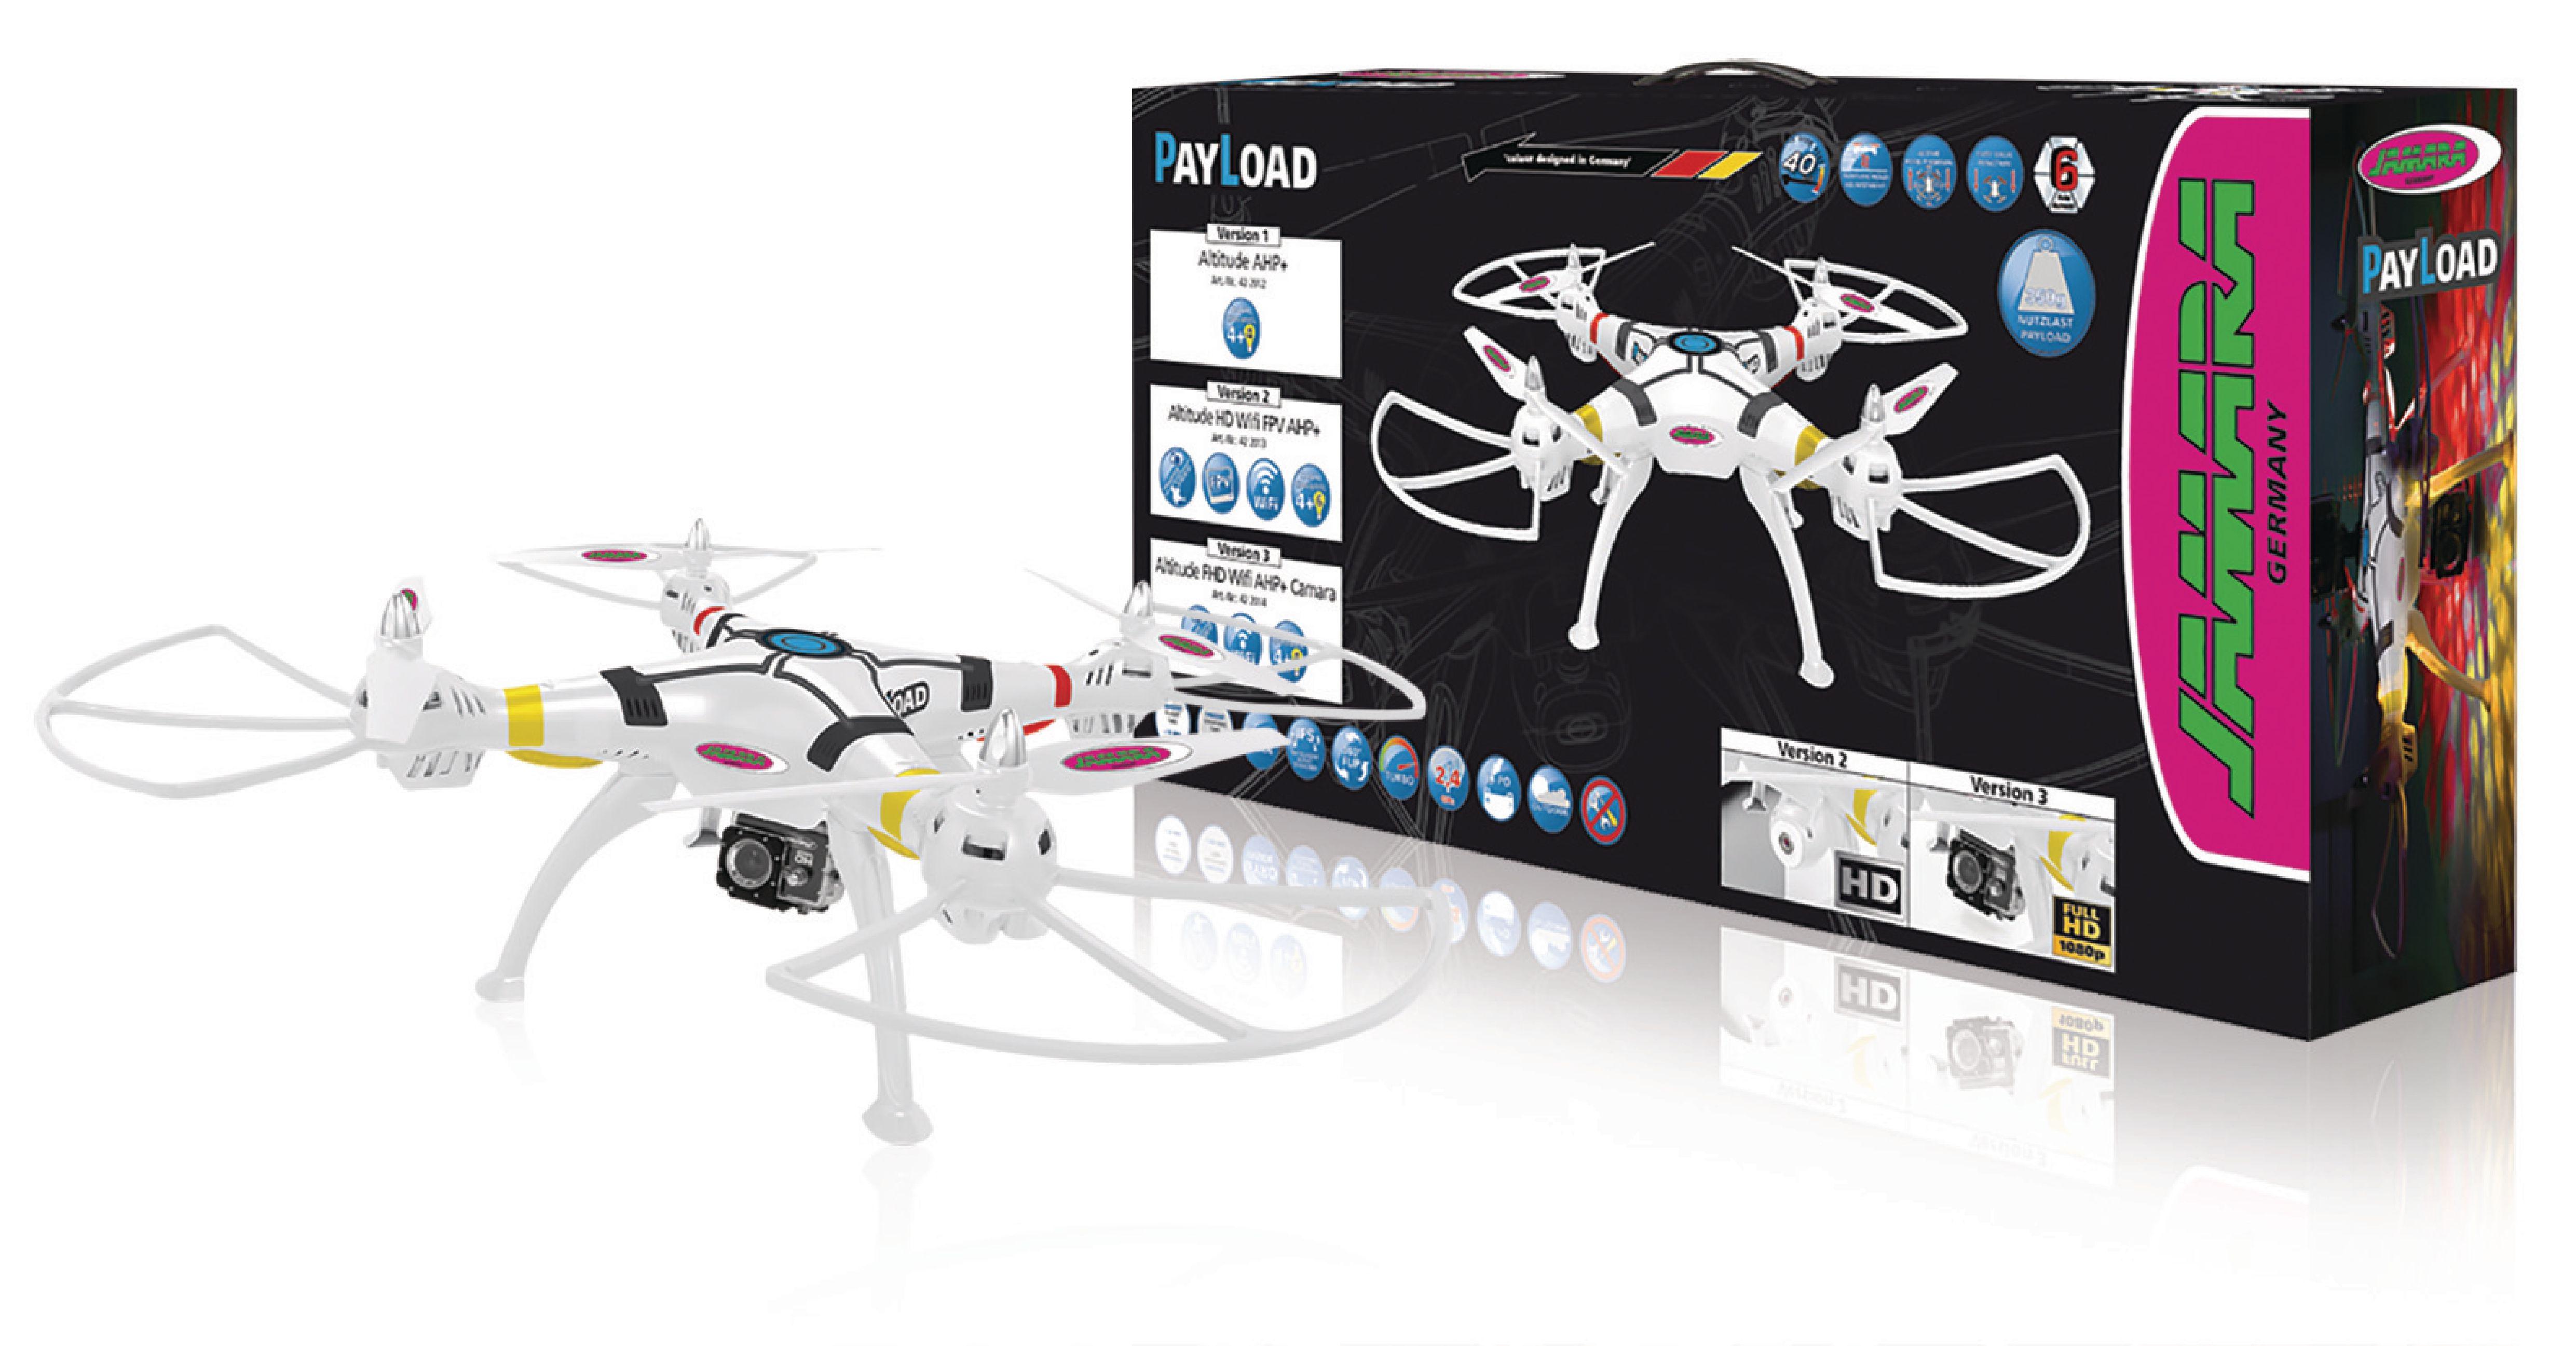 R/C Dron Payload Altitude 4+4 Kanál RTF / Foto / Video / Nahrávání zvuku / Gyro Uvnitř / Se Světly / Otáčení o 360 2,4GHz Ovladač Bílá